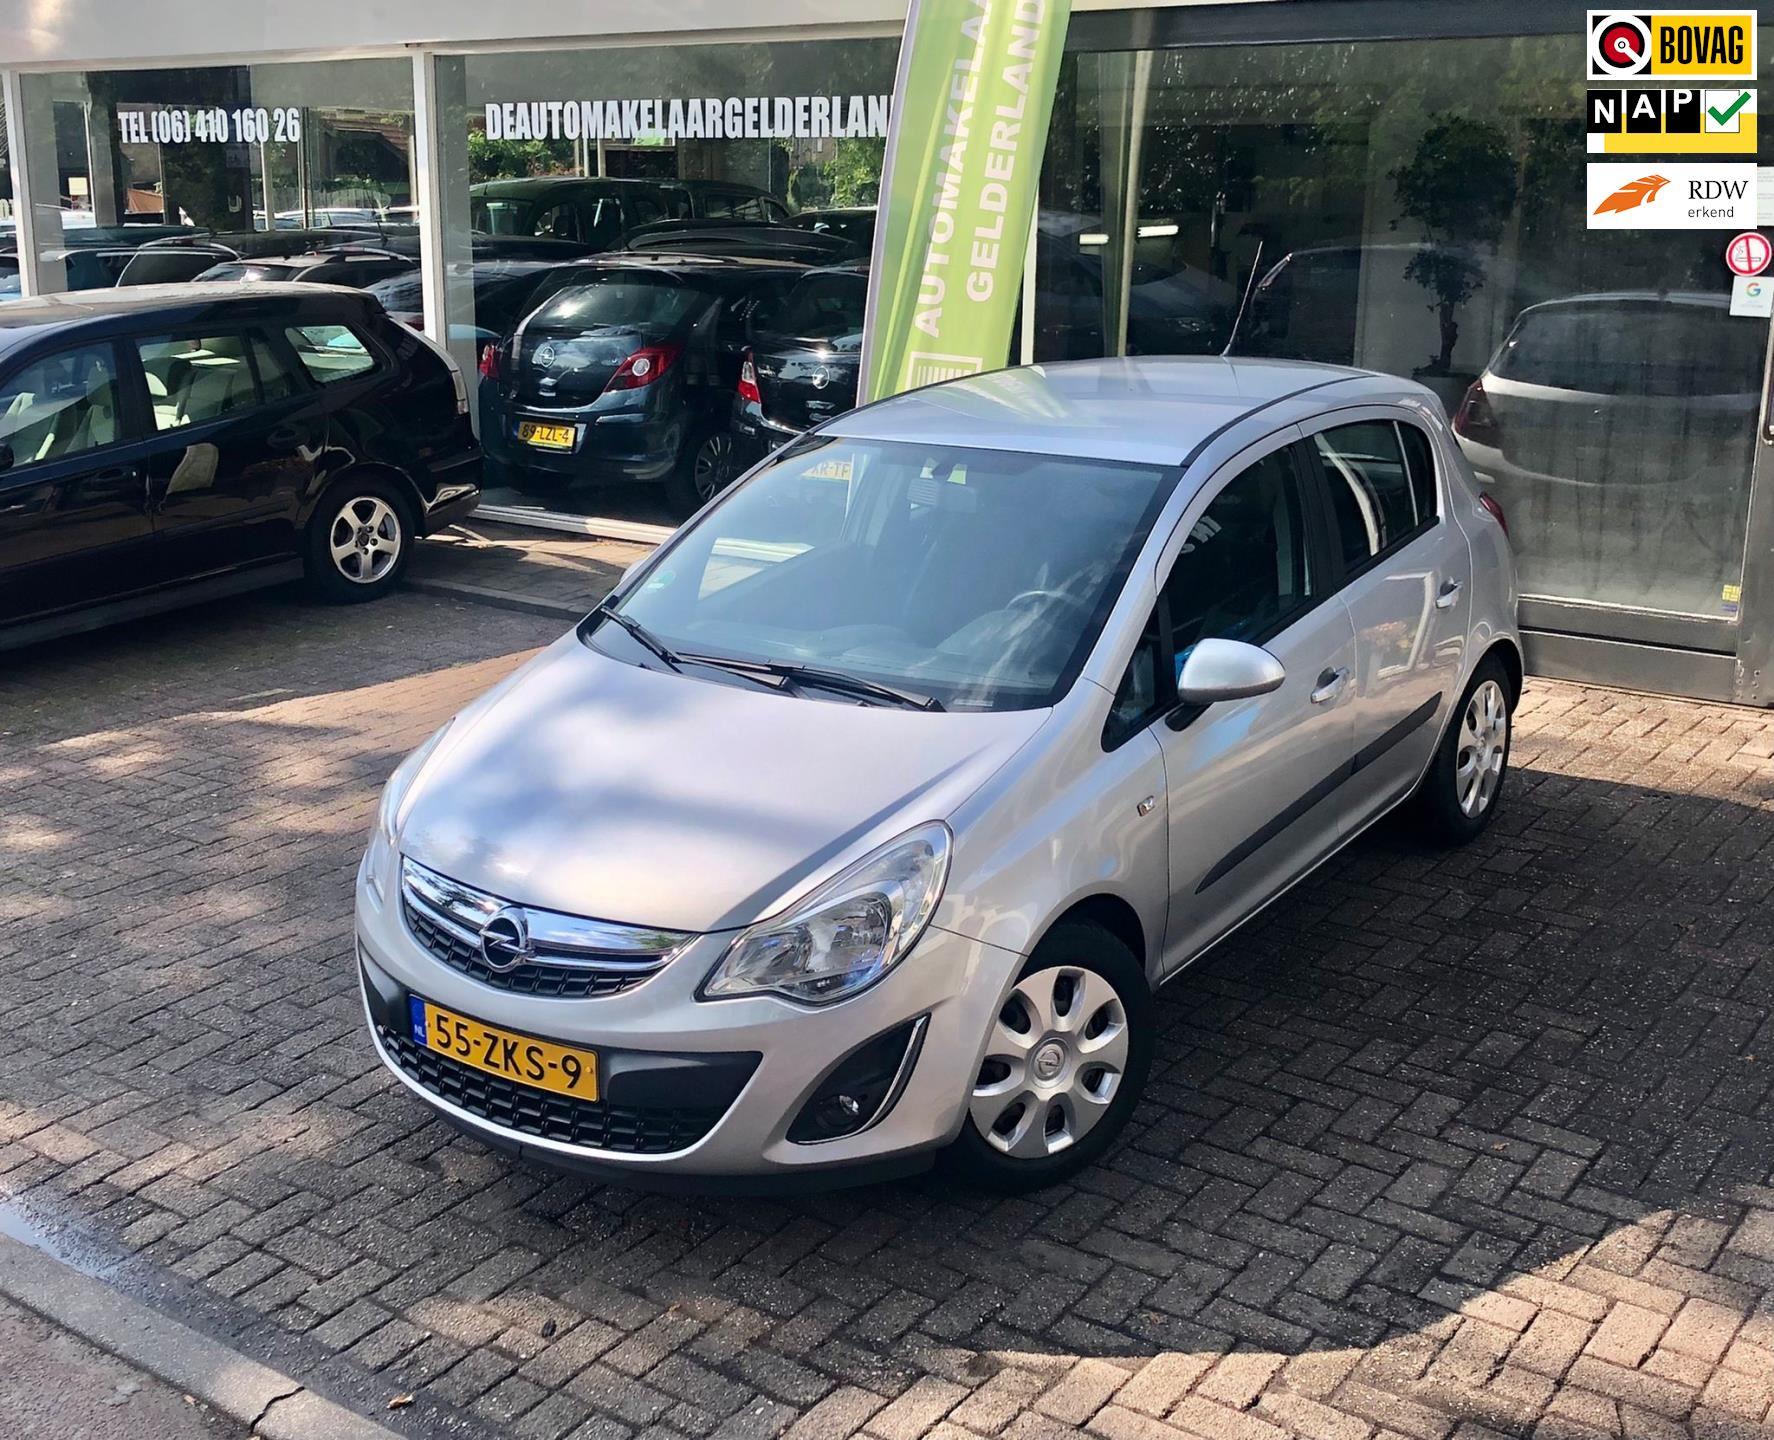 Opel Corsa occasion - De Automakelaar Gelderland